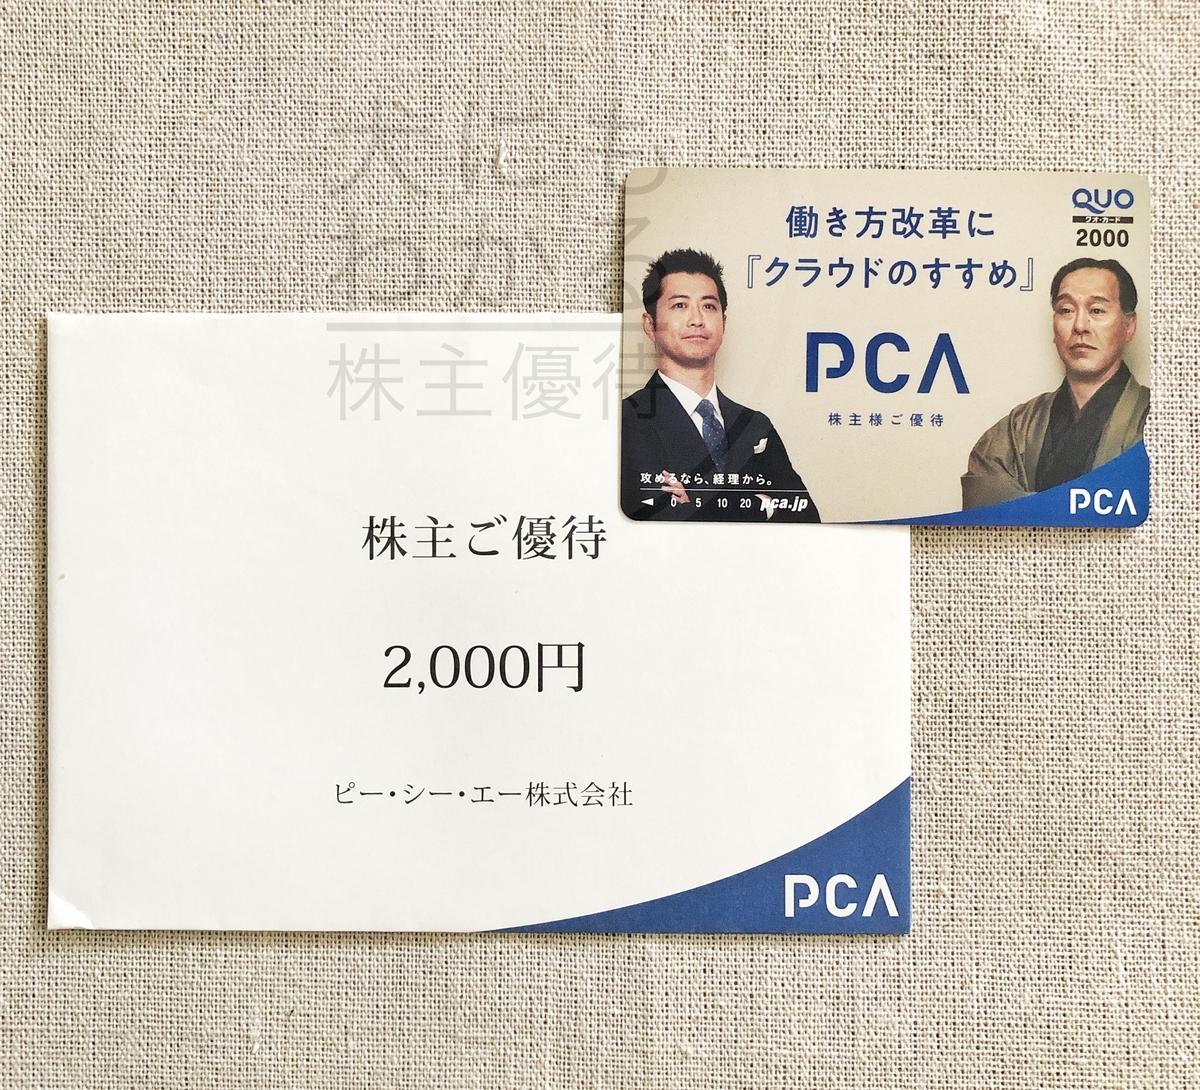 PCA株式会社 株主優待品